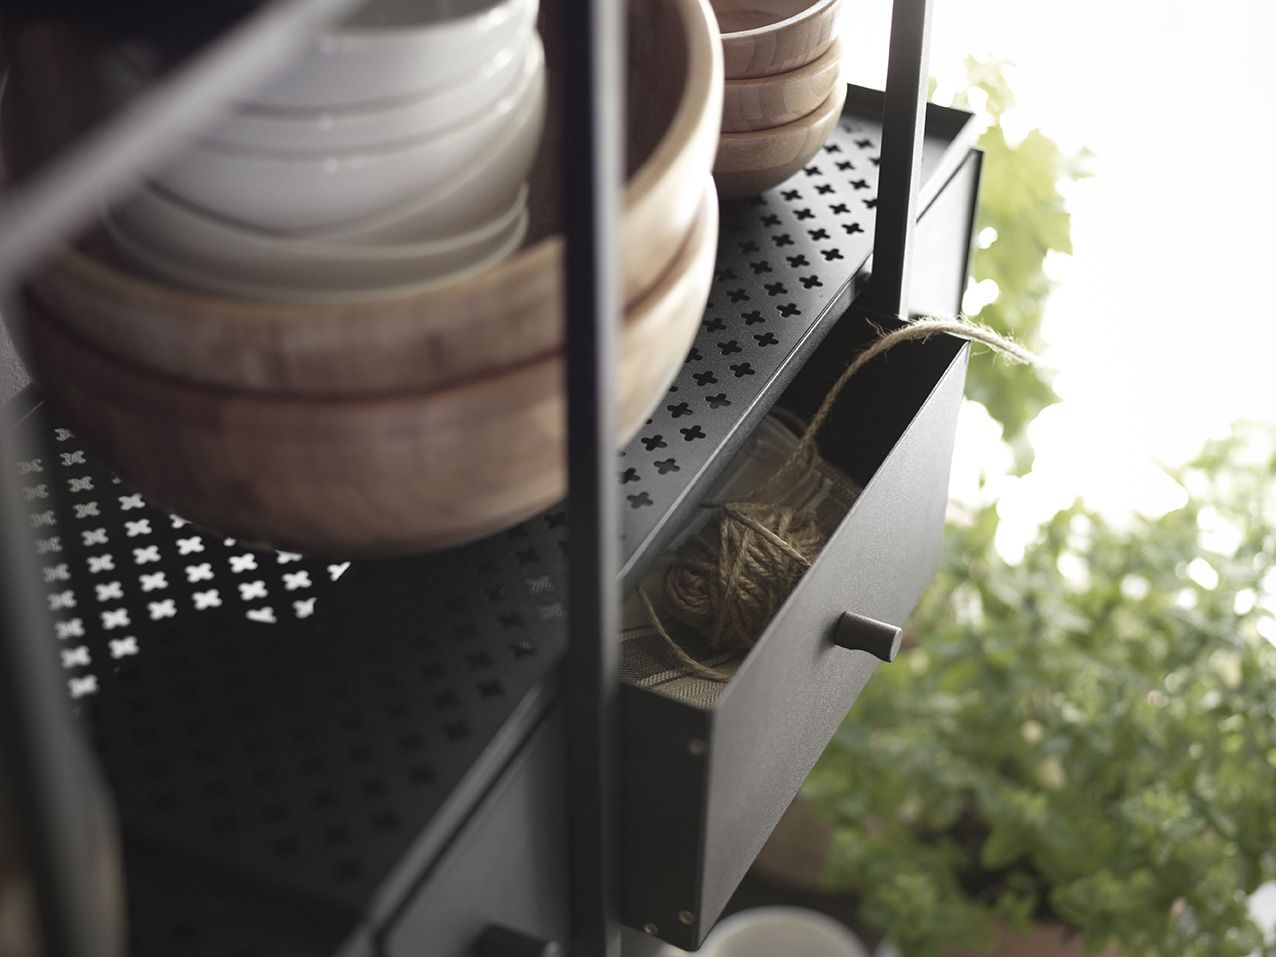 Keukenkast Ophangen Ikea : Falsterbo wandplank #nieuw #ikea #ikeanl #plank #keuken #staal